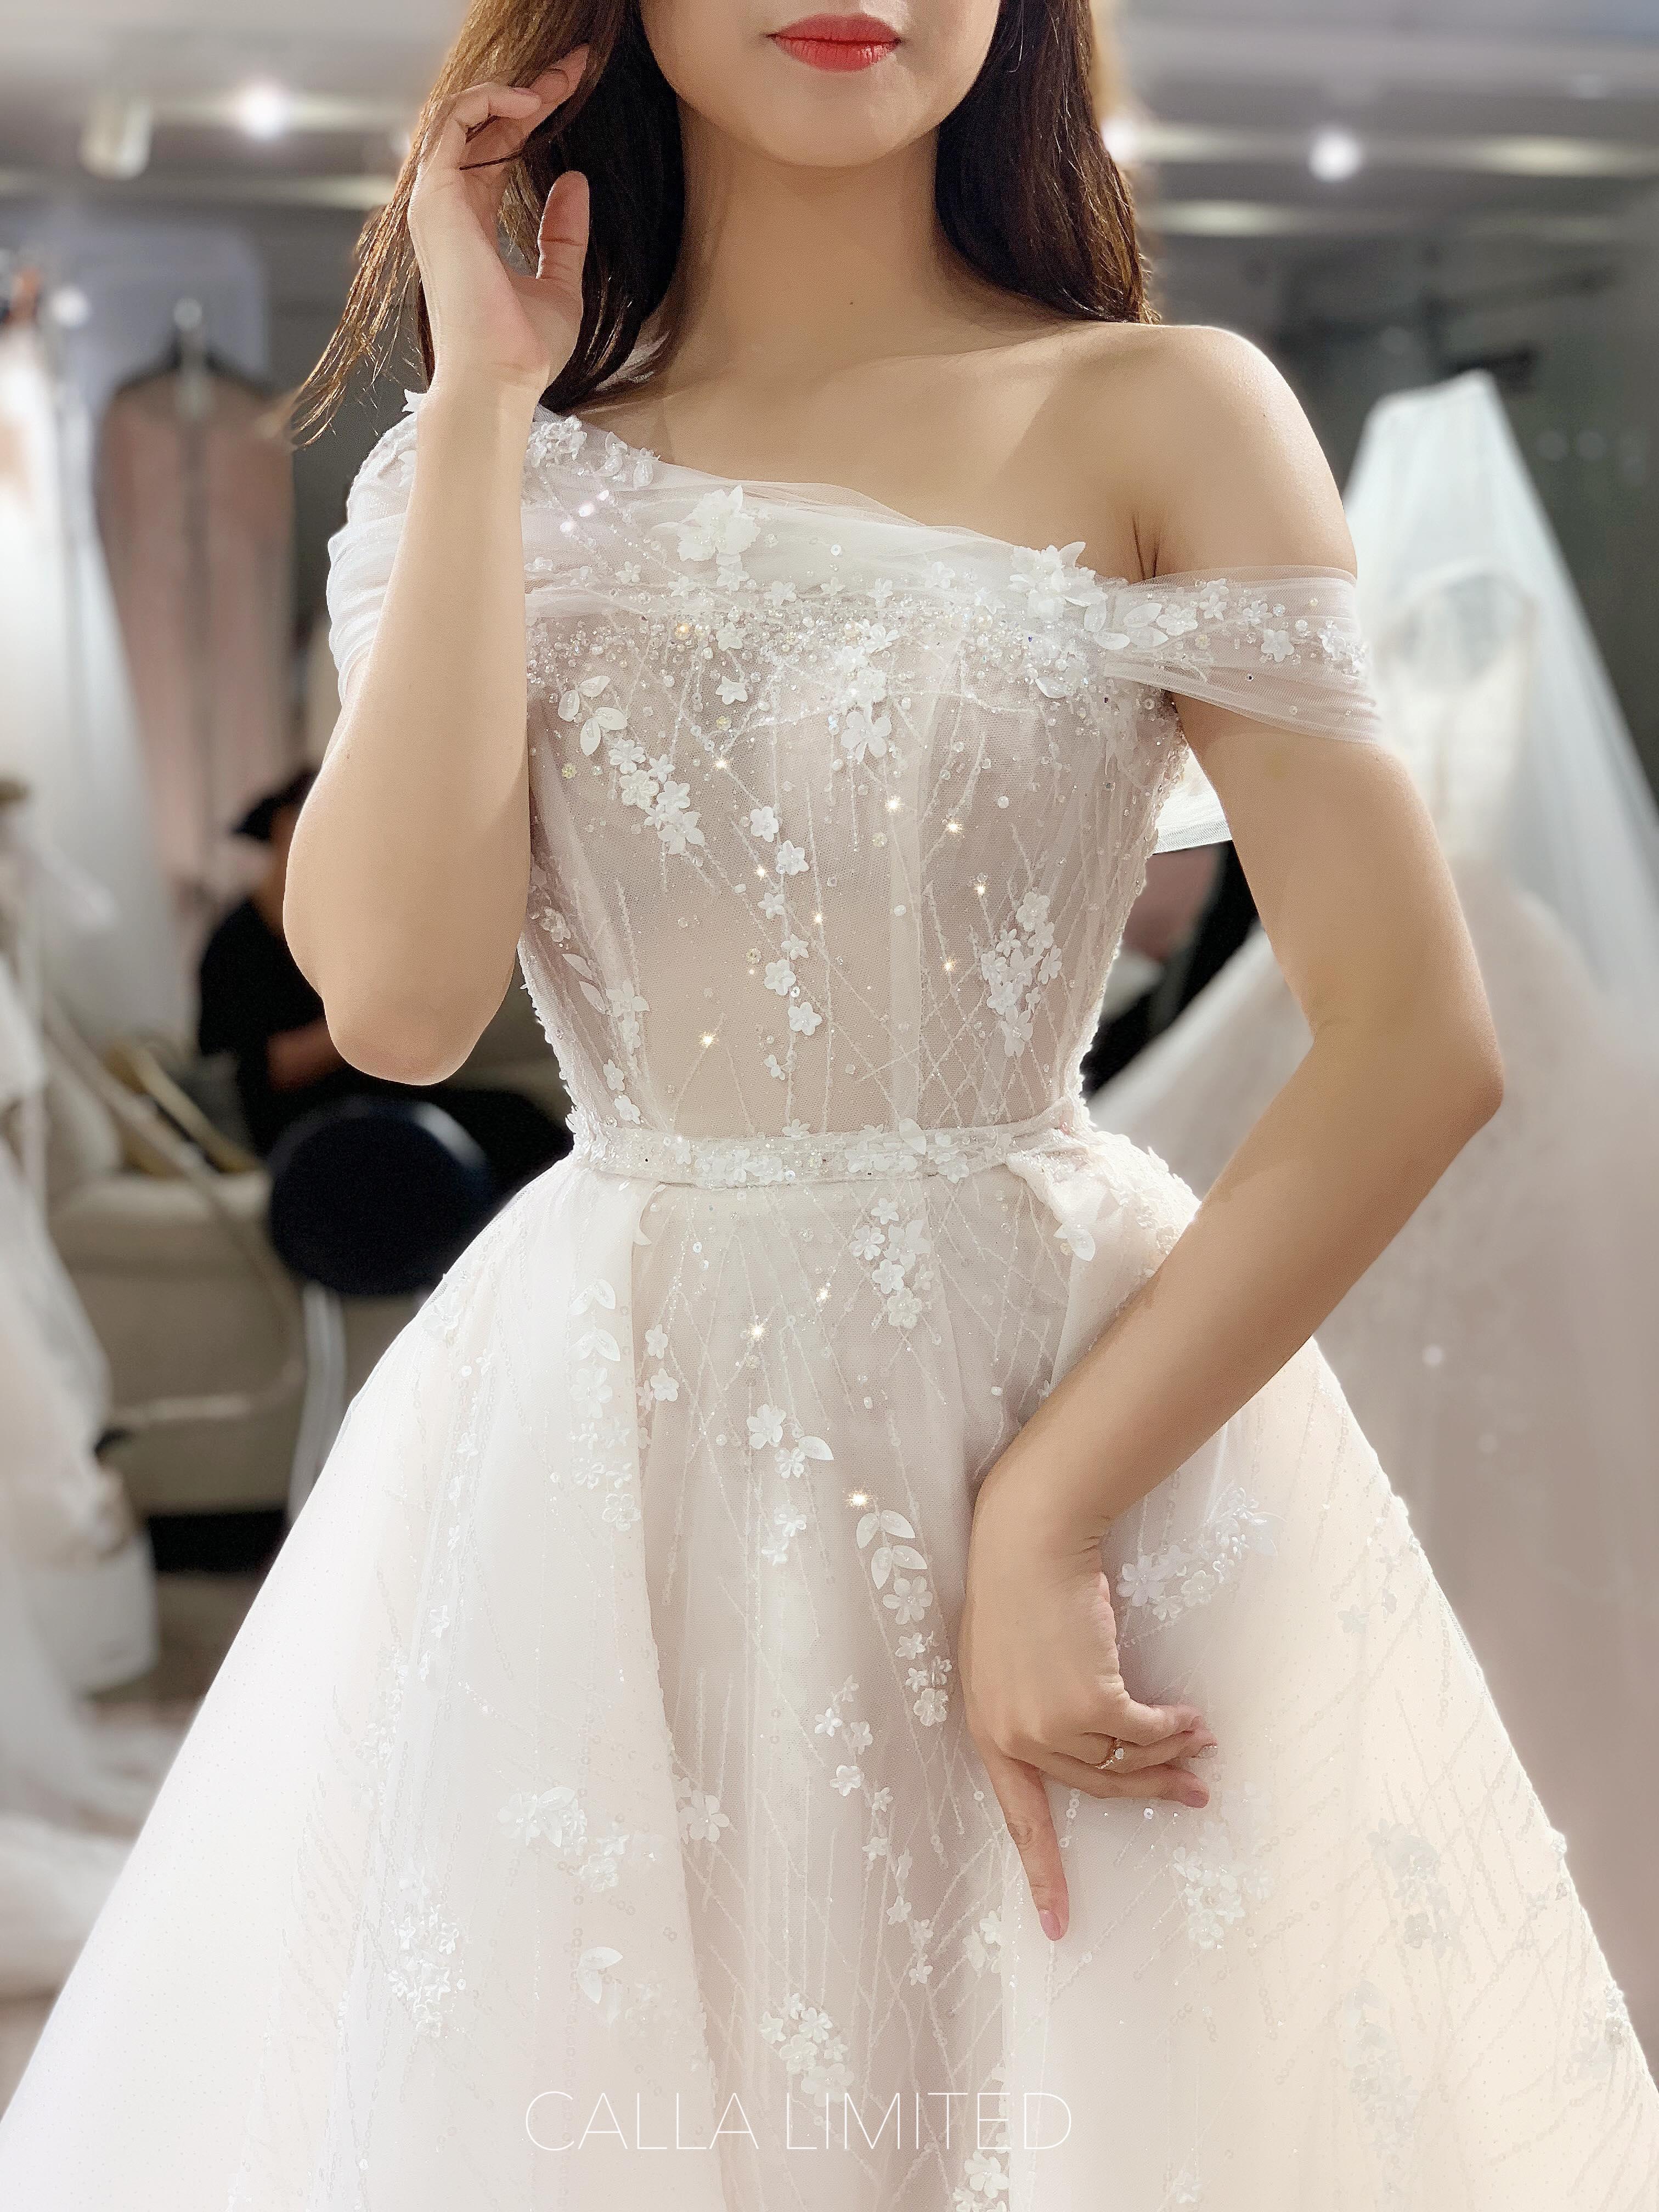 NTK váy cưới của 'ái nữ' bầu Đệ: 'Nhận được đầm cưới, cô dâu đã bật khóc'! Ảnh 4